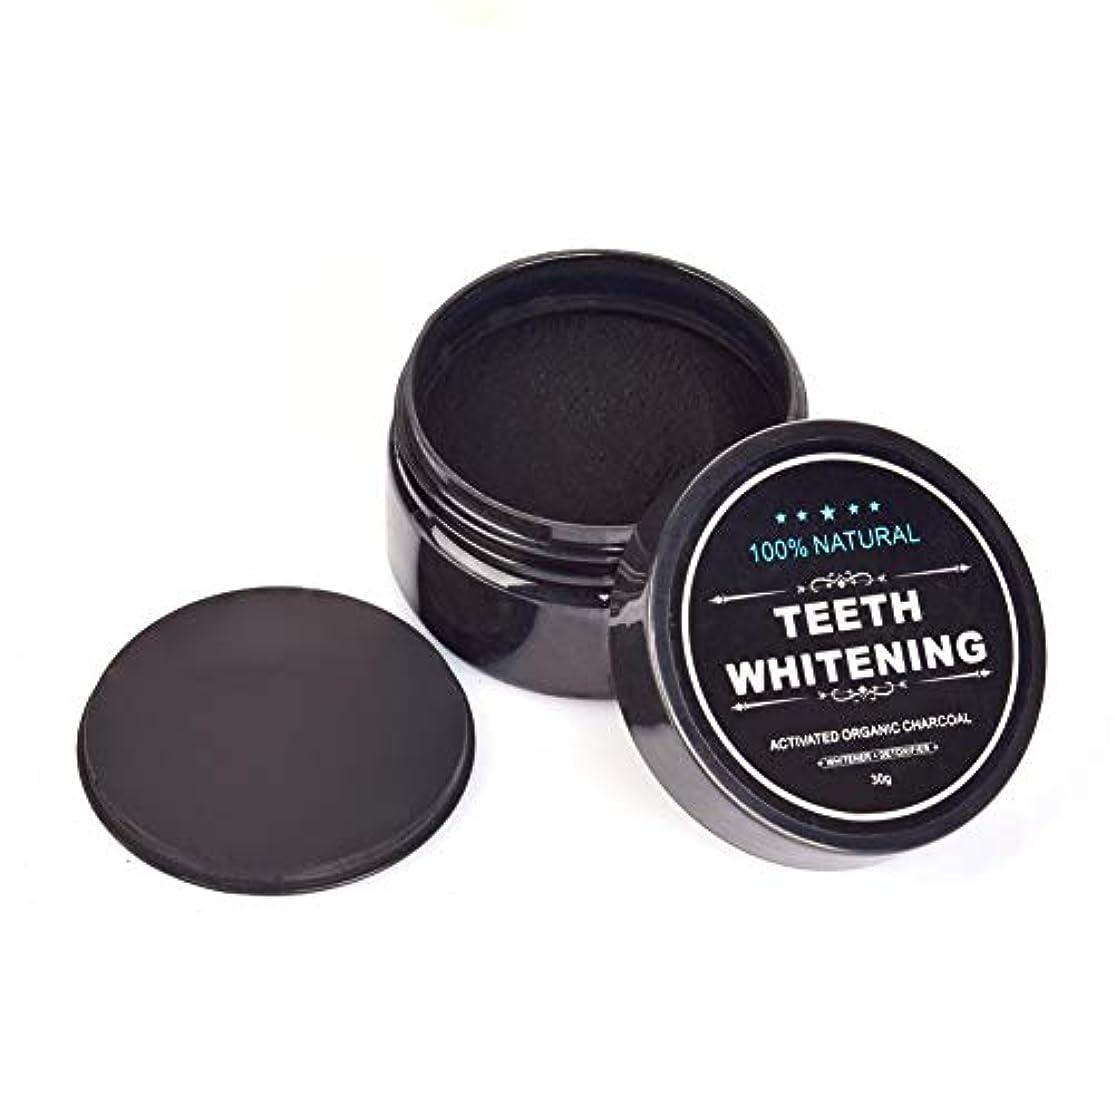 今日モデレータ科学的SILUN チャコールホワイトニング 歯 ホワイトニング チャコール型 マイクロパウダー 歯 ホワイトニング 食べれる活性炭 竹炭 歯を白くする歯磨き粉 活性炭パウダー